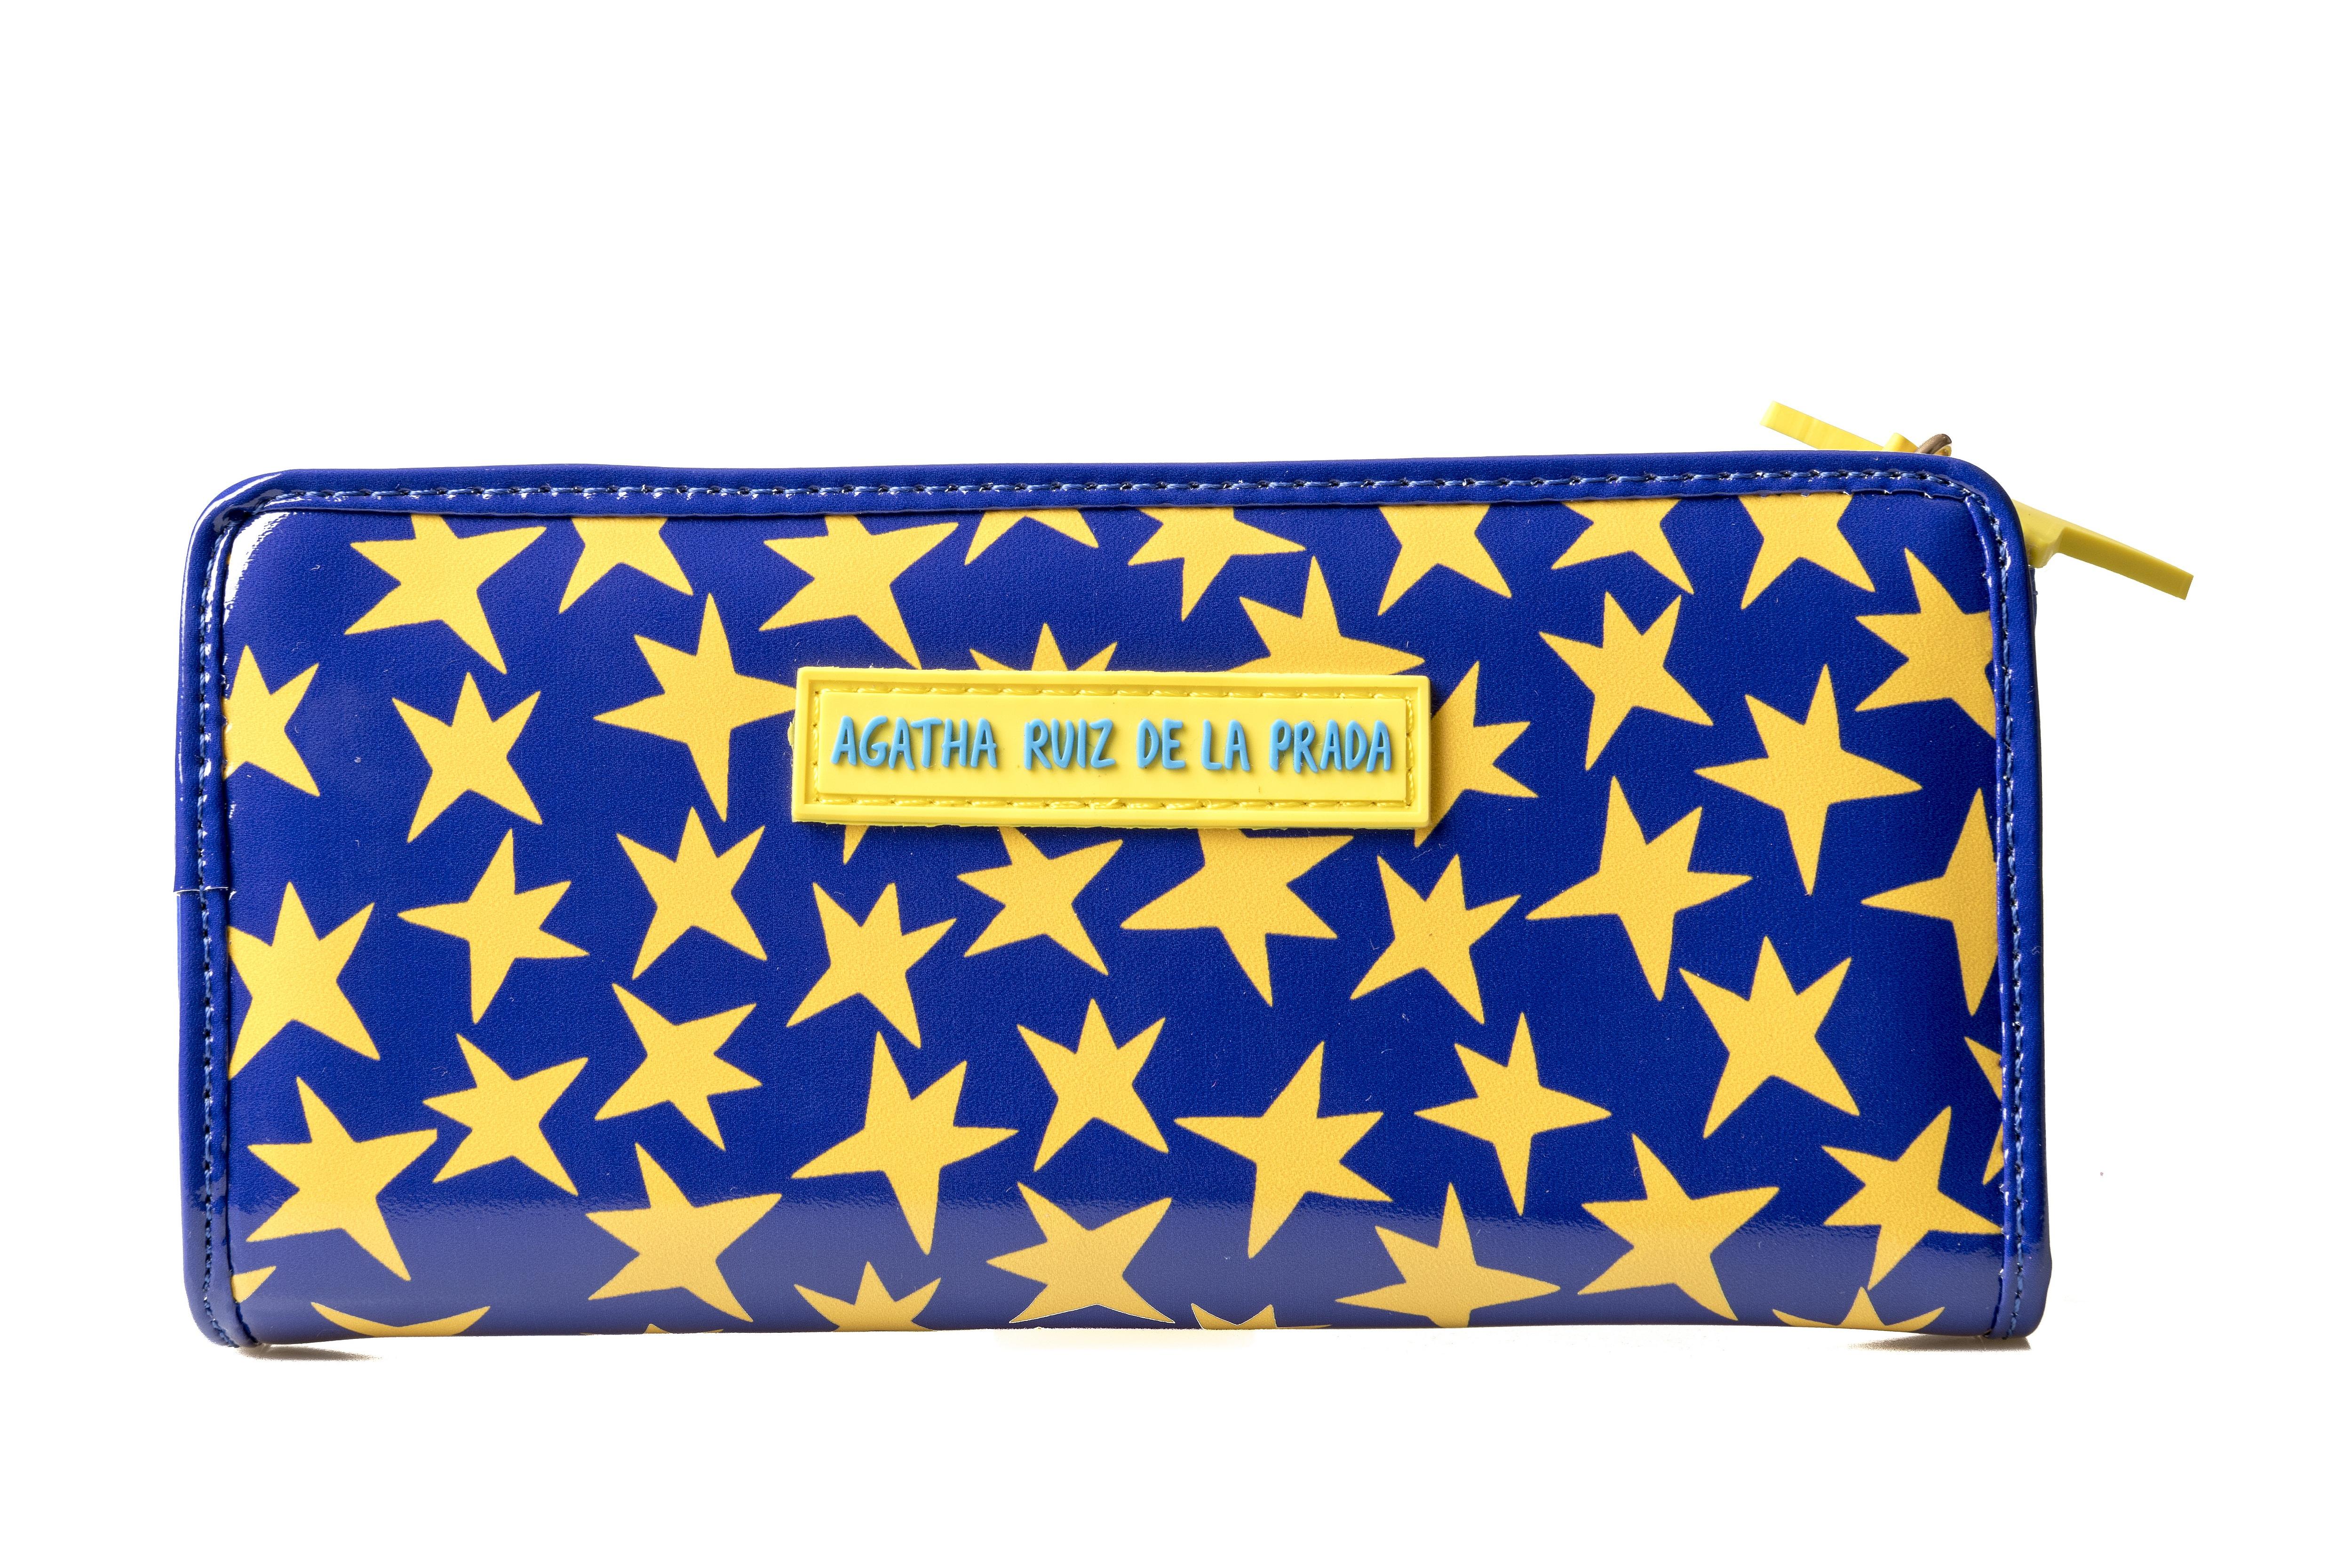 長財布 お札縦入れ型 スター アガタ・ルイス・デ・ラ・プラダ( BILLETERO Estrella y star - Agatha Ruiz de la Prada)  画像